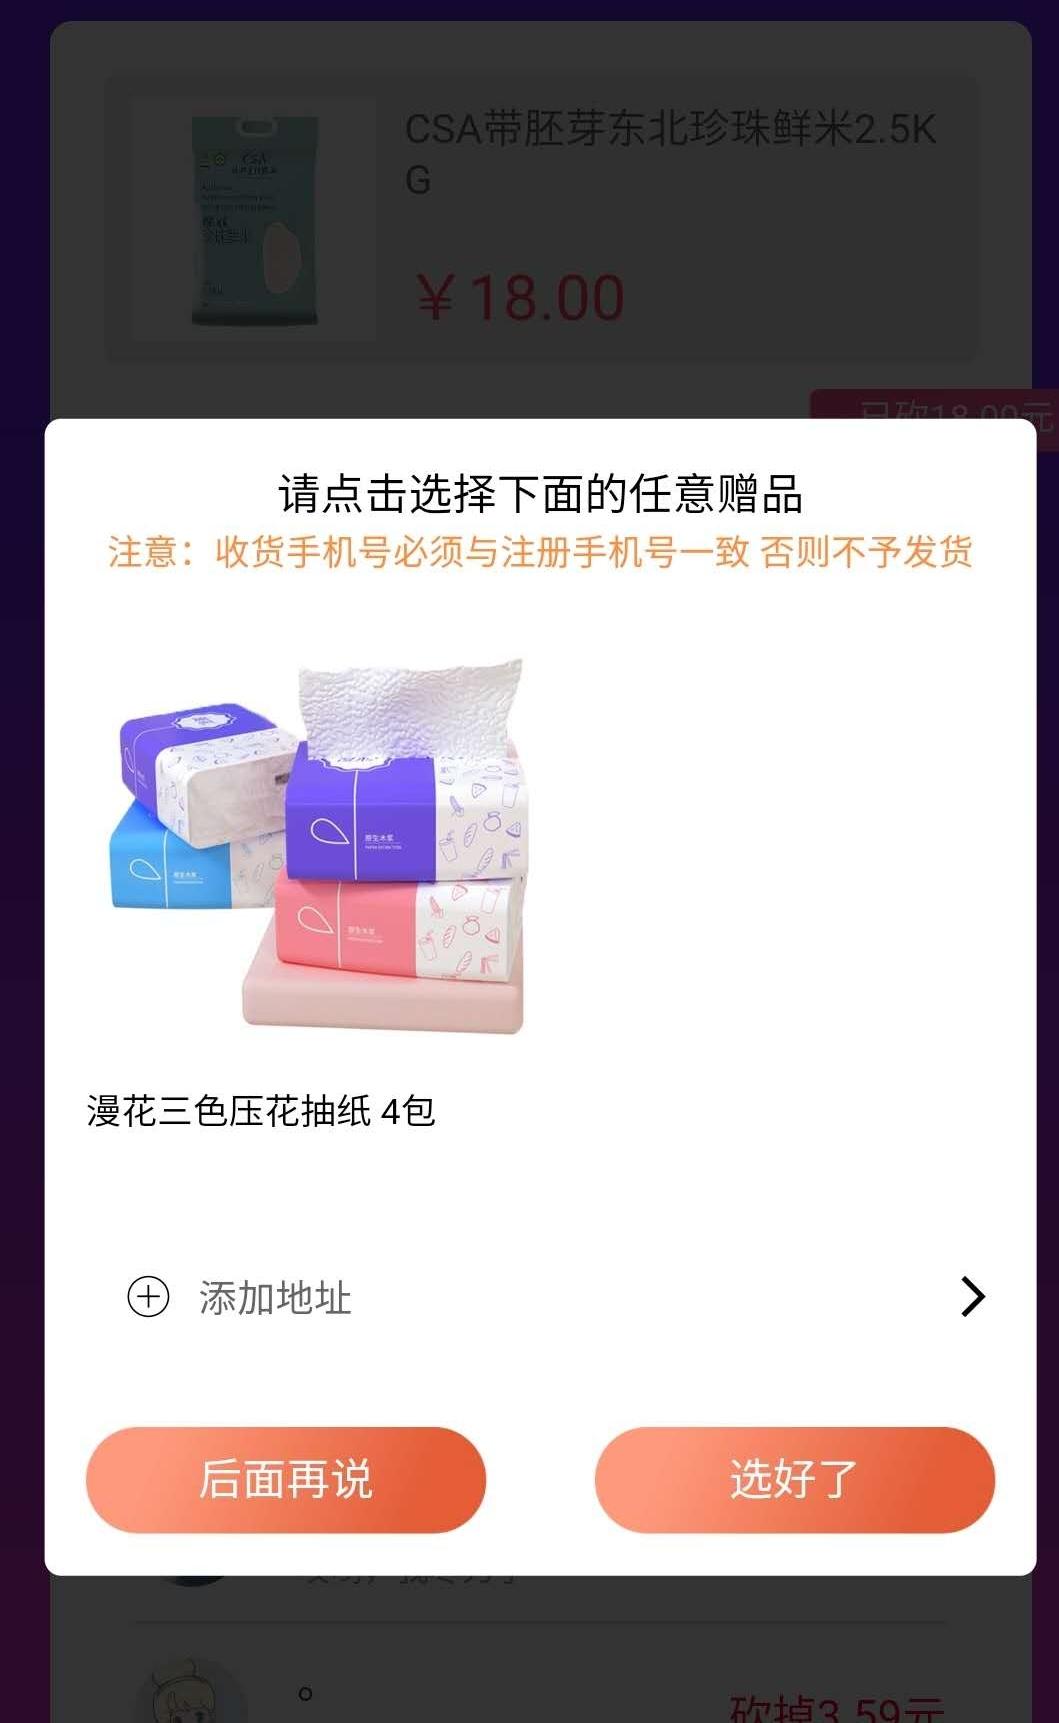 嗨拍购小程序:新用户免费领取4包抽纸,包邮到家!  嗨拍购 小程序 包邮到家 免费领取 微信 第2张